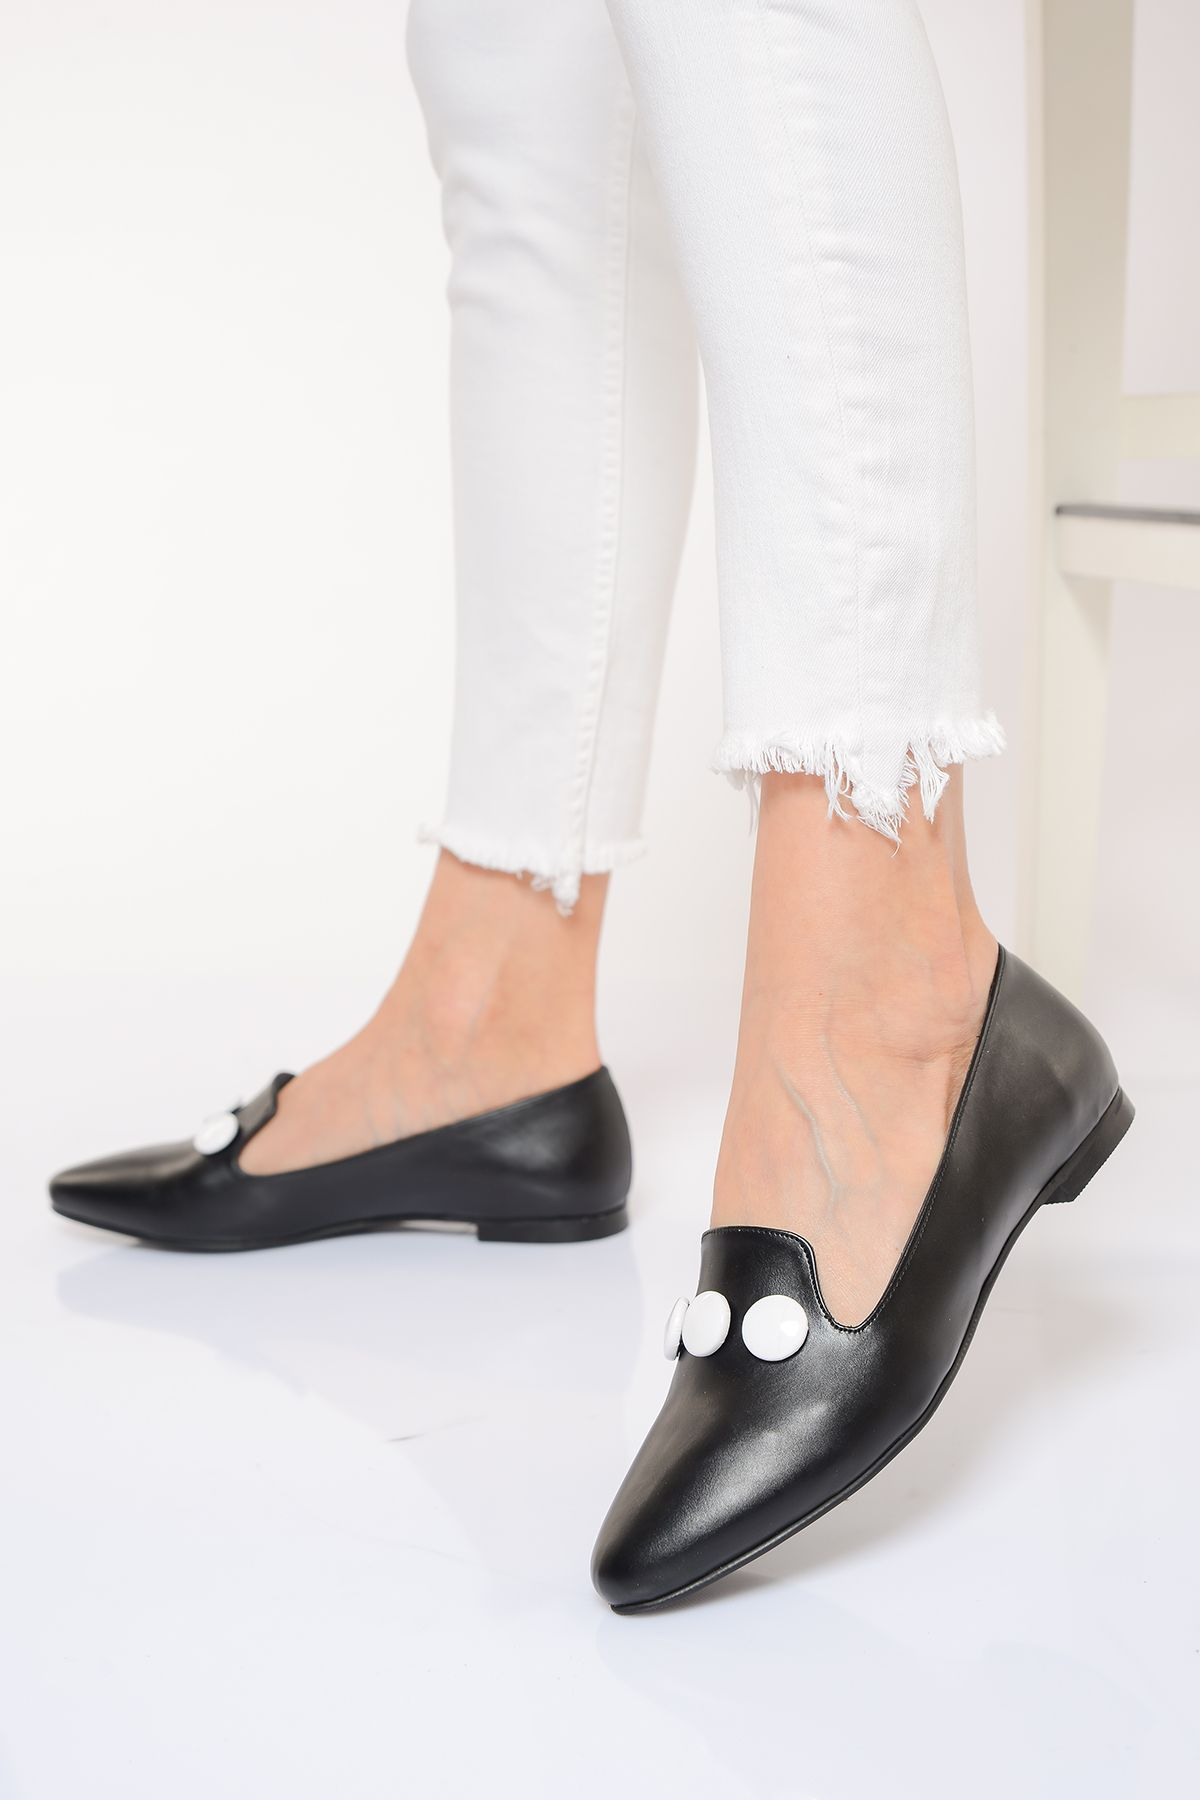 cb7eb79fffc1c Kadın 2019 Yaz Ayakkabı Modelleri, Fiyatları, Aynı Gün Kargo - Shoes ...